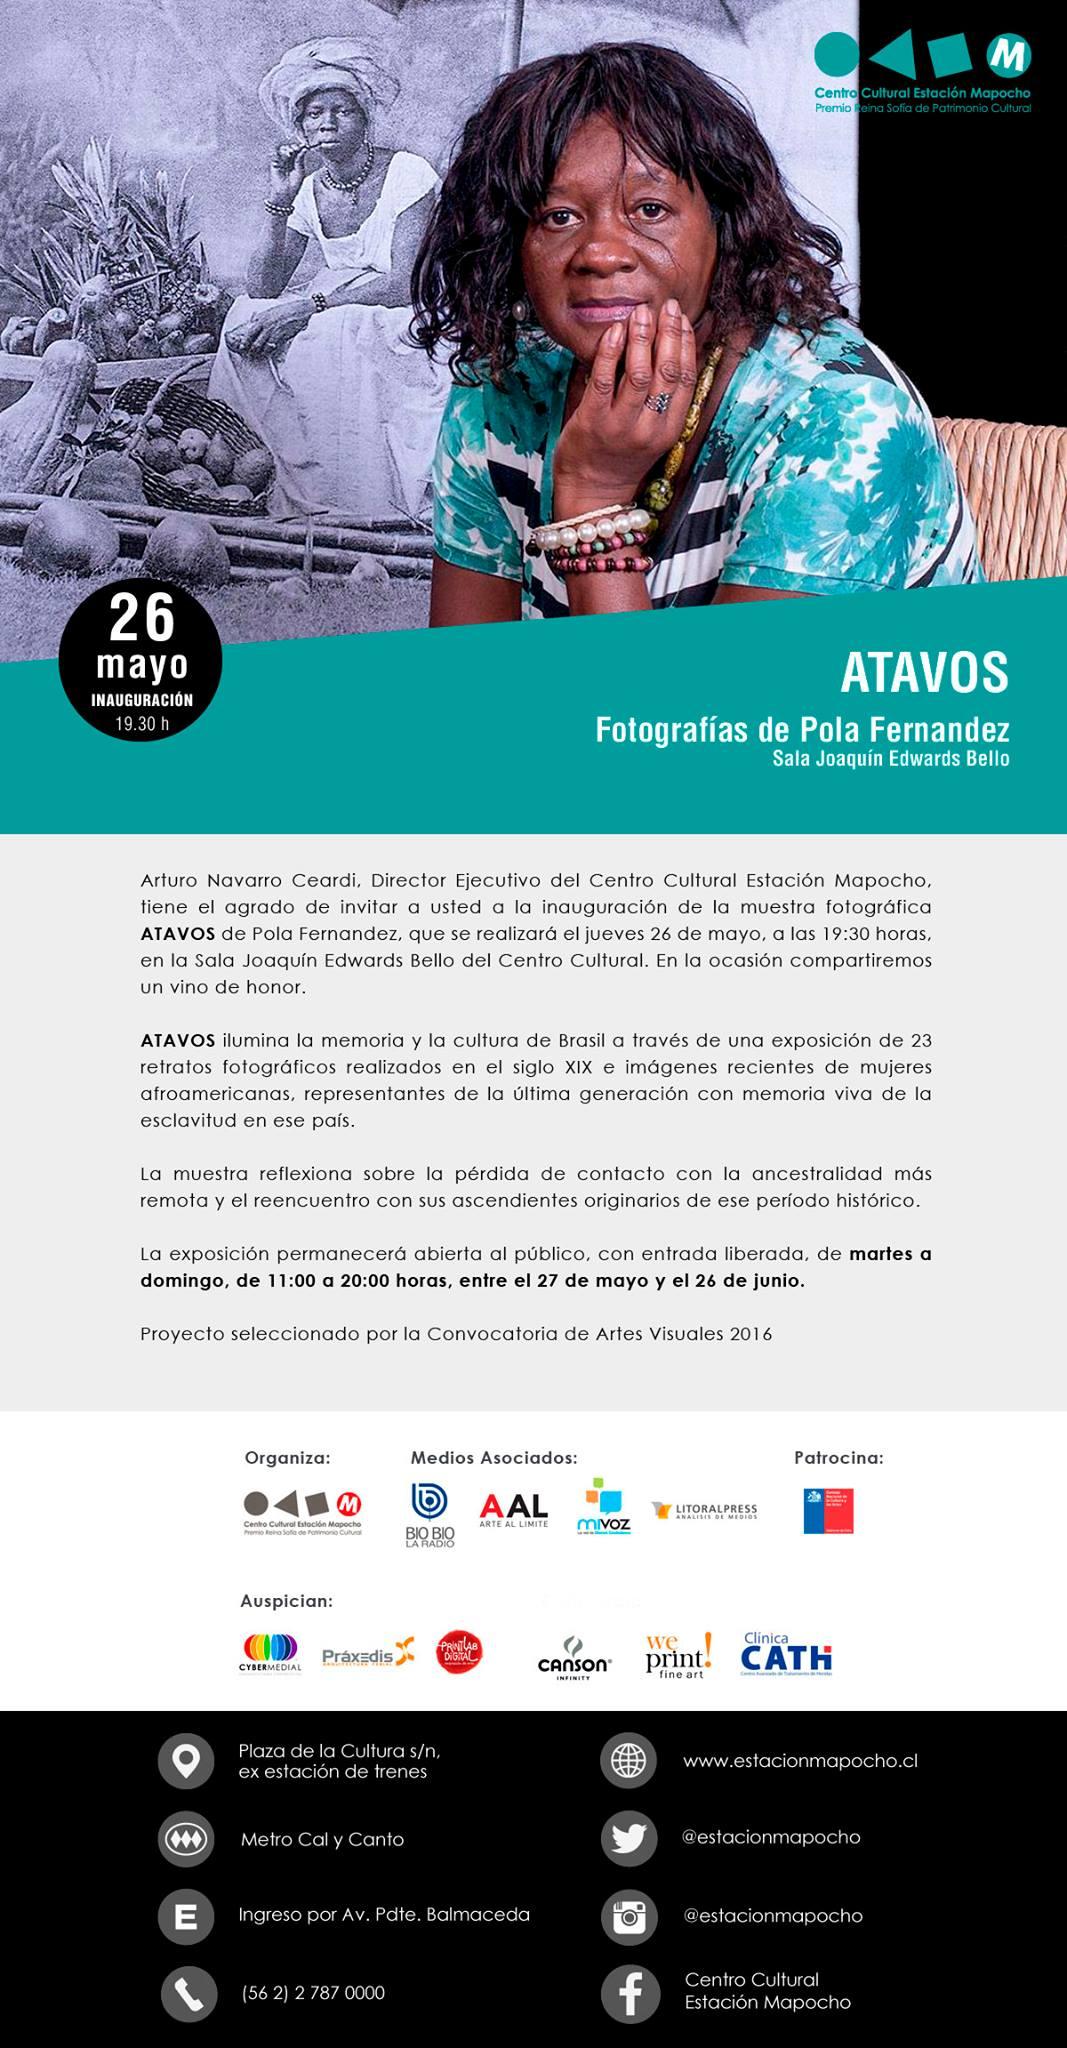 Convite Atavos Chile 2017.jpg